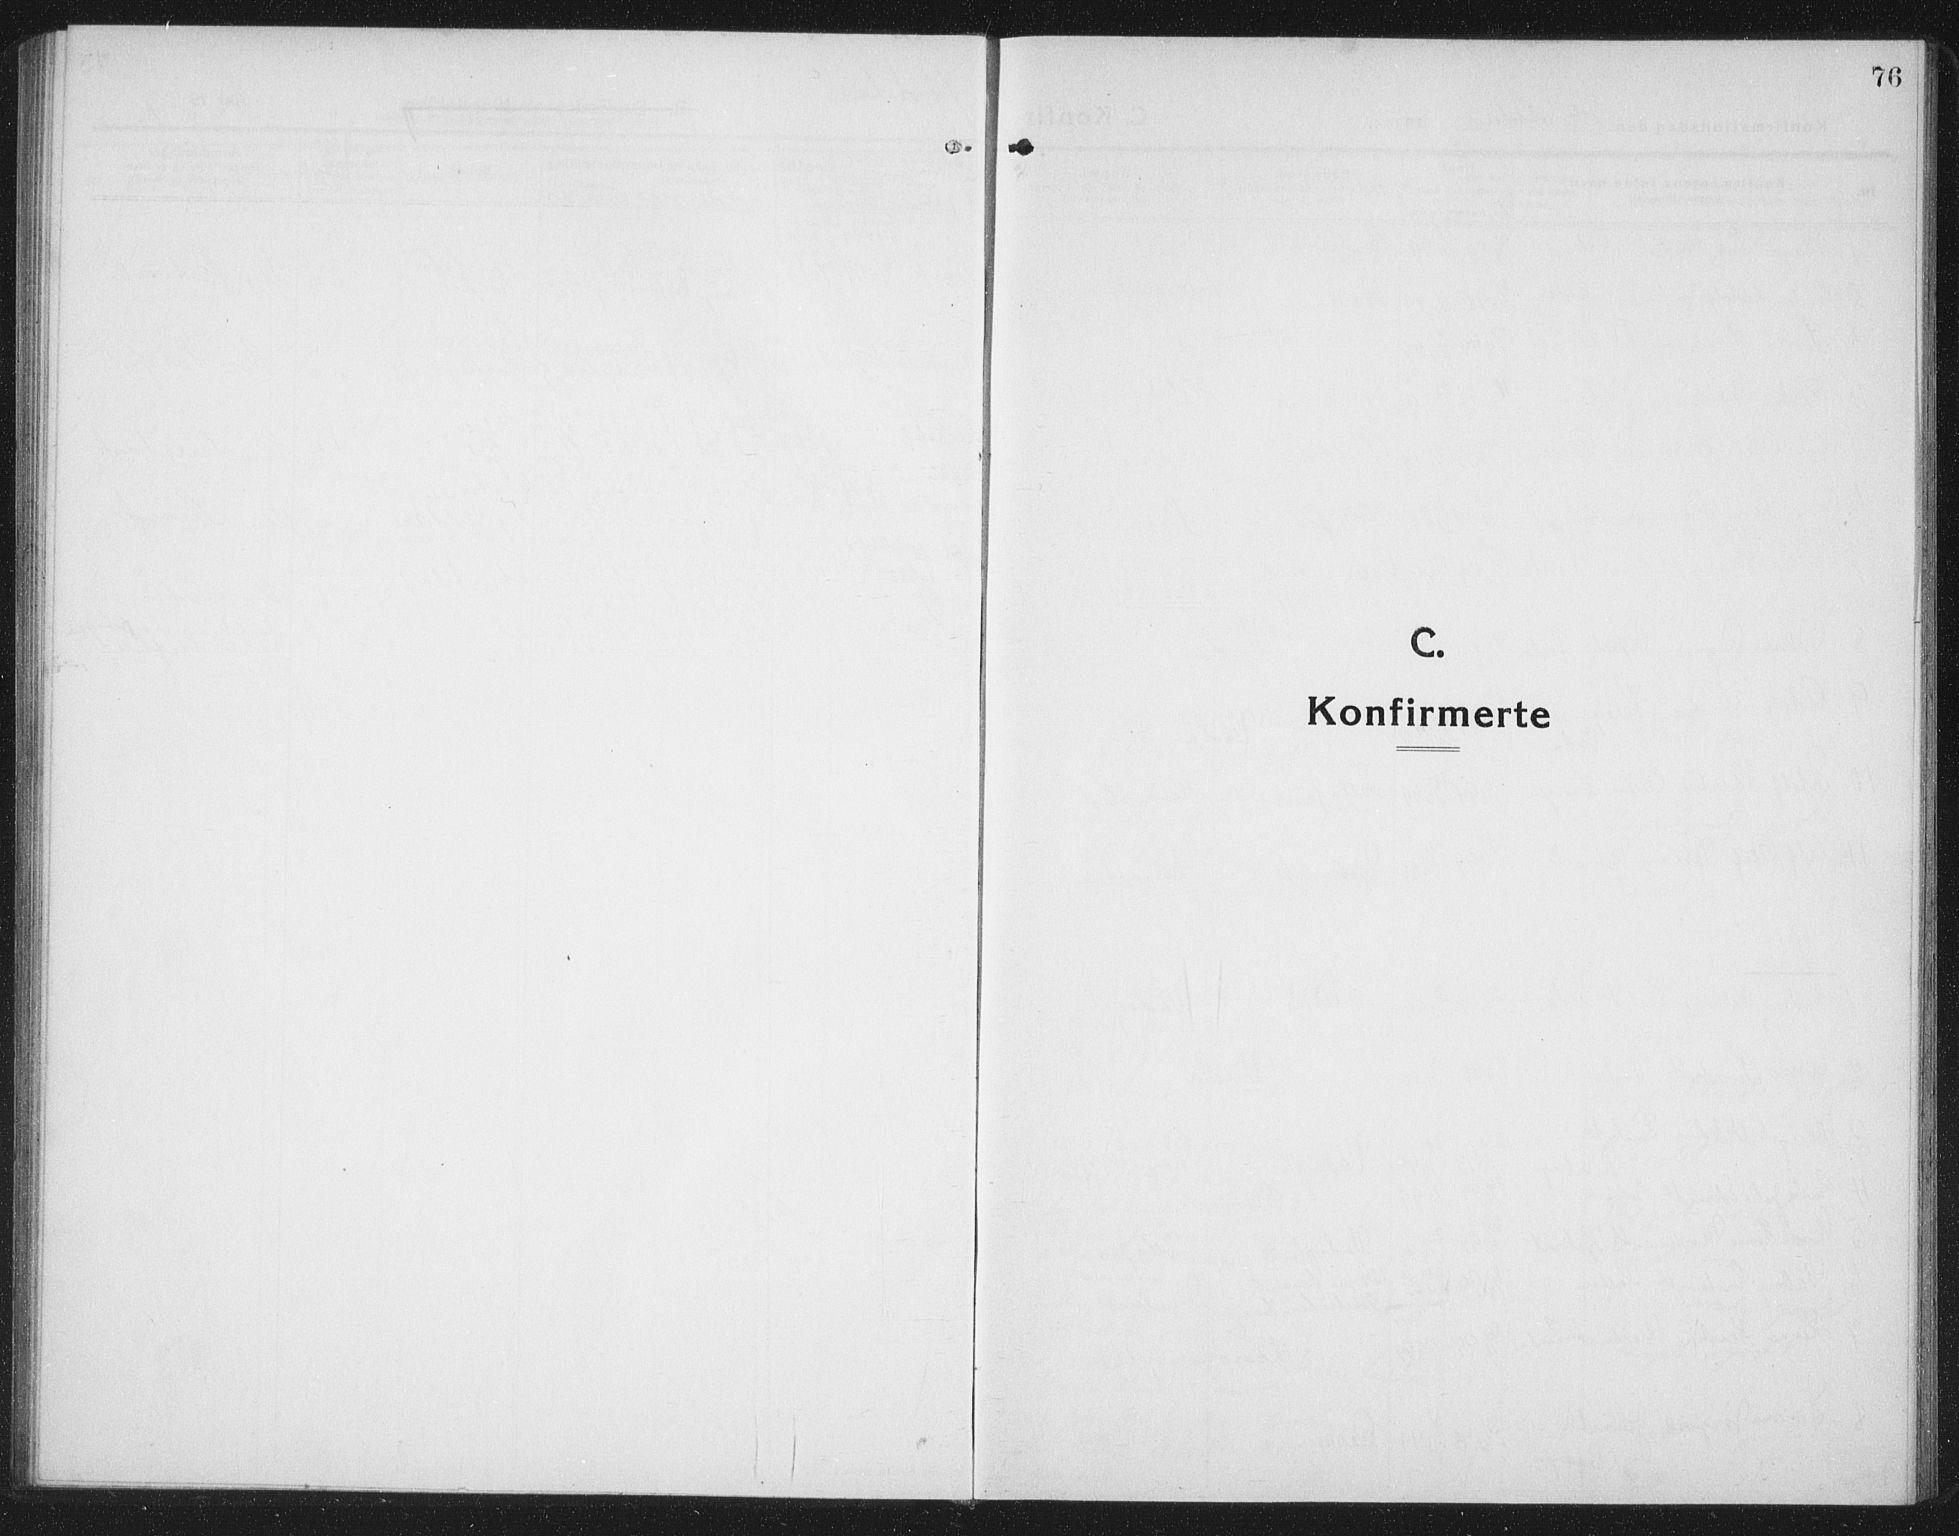 SAT, Ministerialprotokoller, klokkerbøker og fødselsregistre - Nord-Trøndelag, 745/L0434: Klokkerbok nr. 745C03, 1914-1937, s. 76